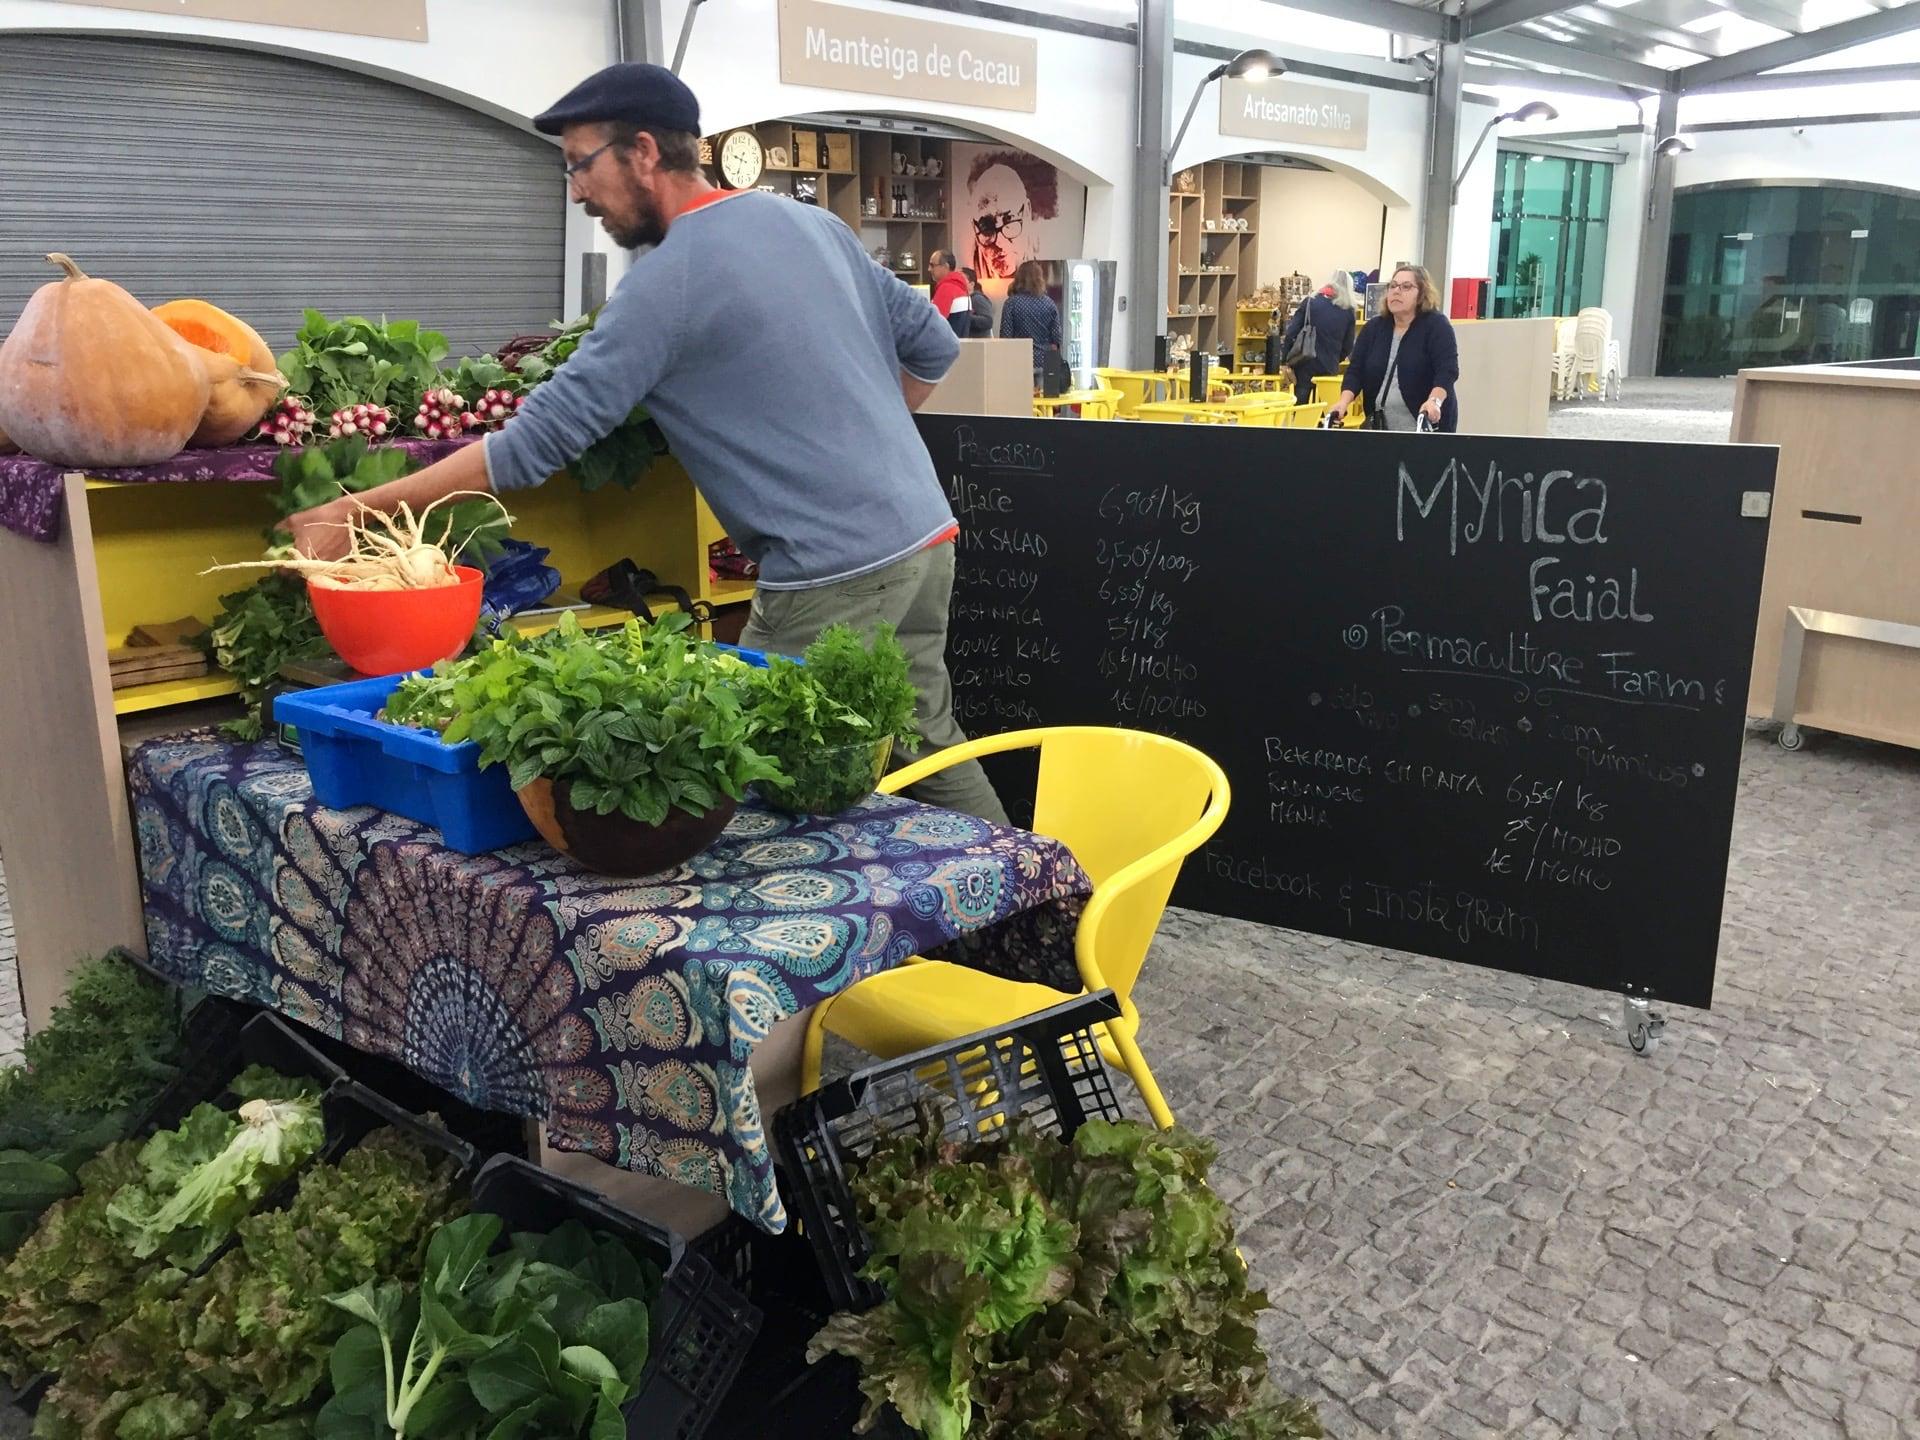 Nuovo Mercato nel centro di Horta a Faial, Isole Azzorre